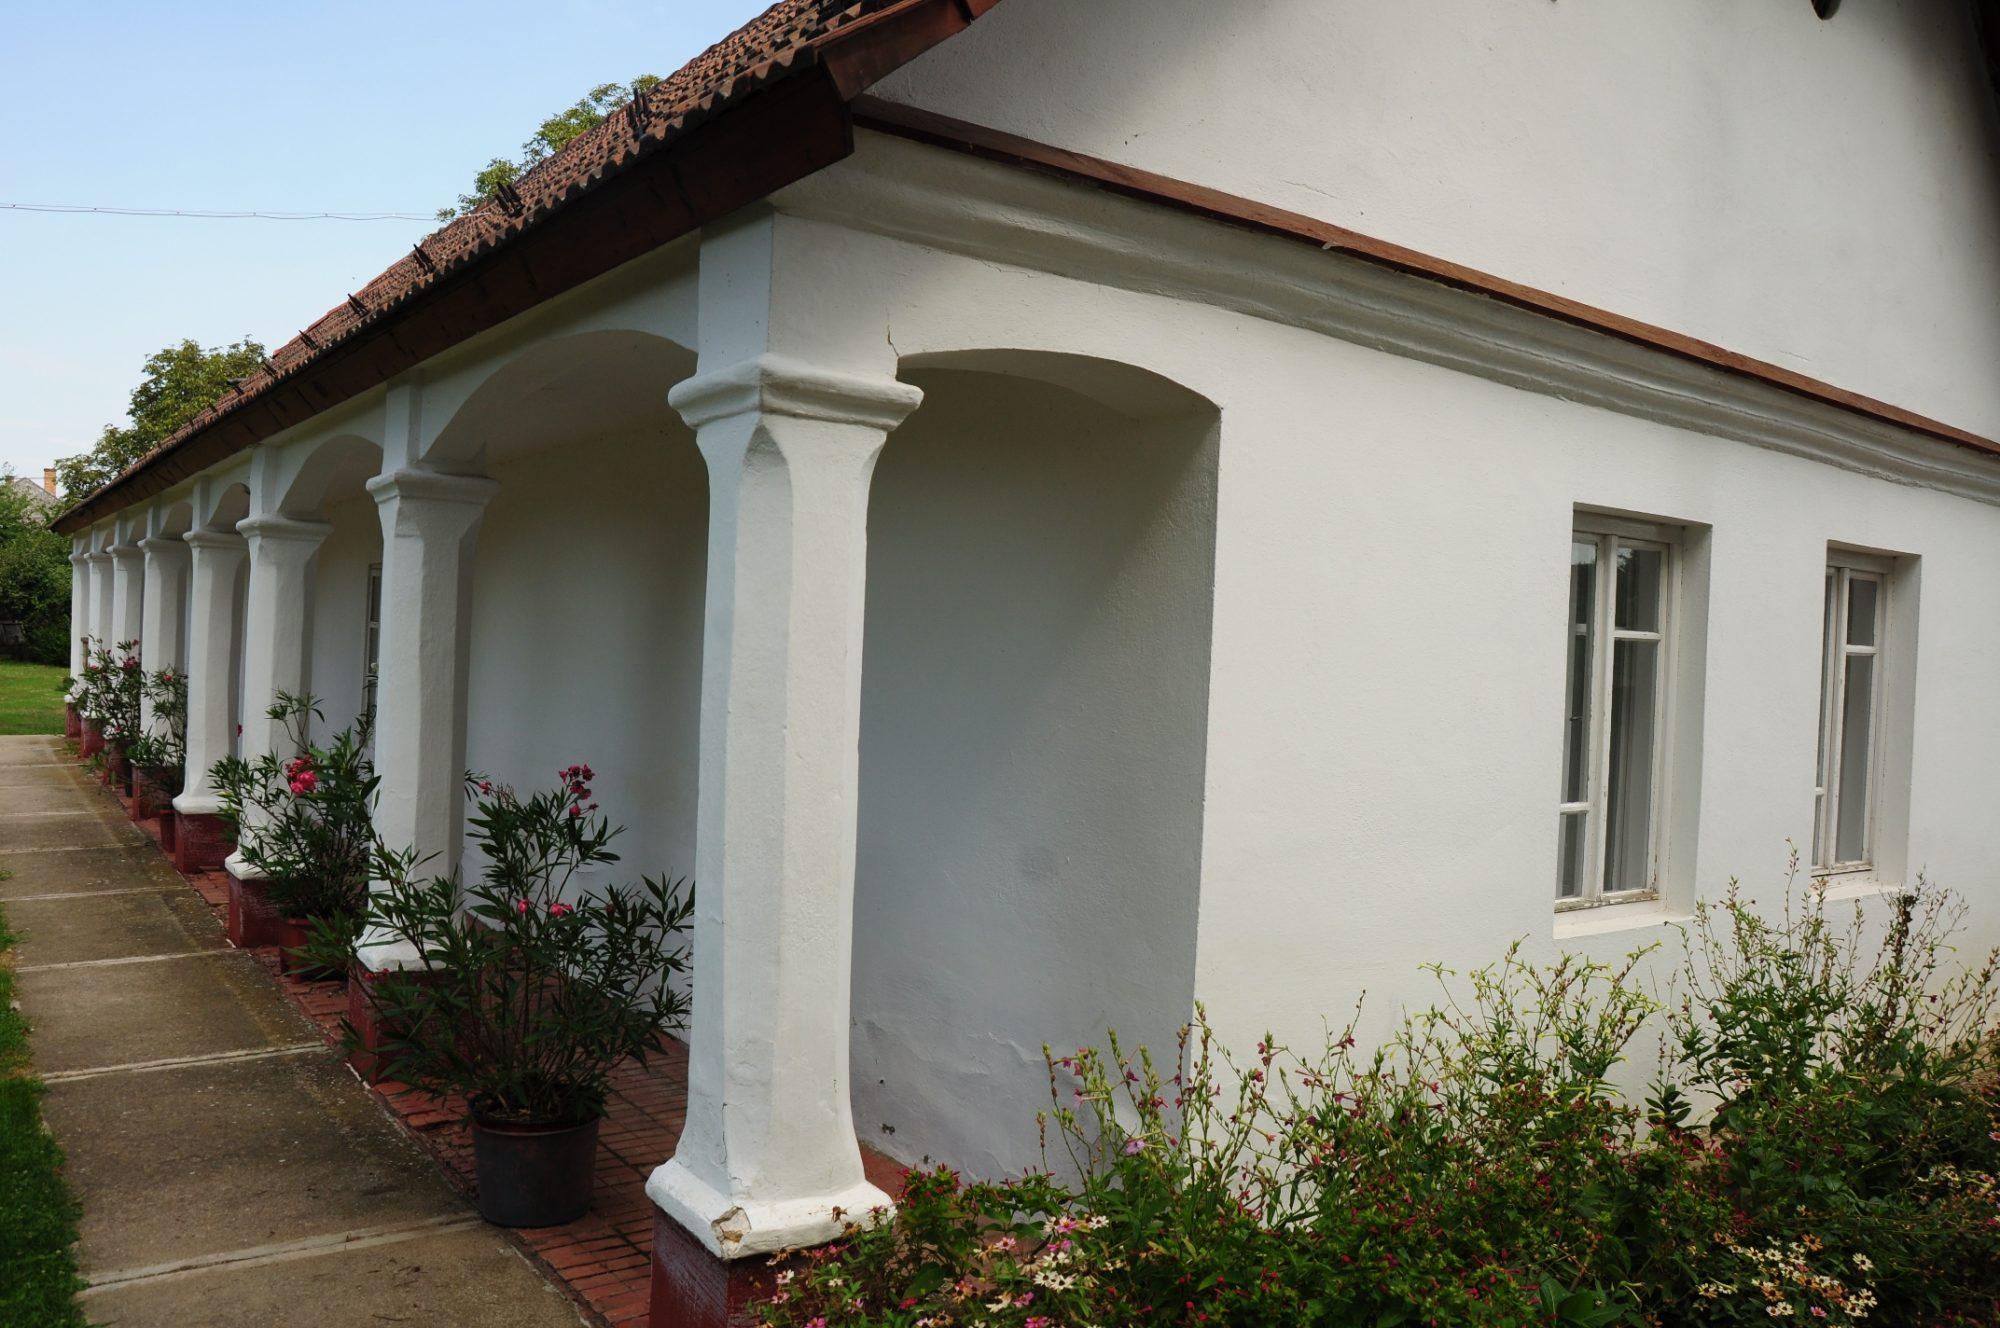 Falusi ház Bőcs közepén